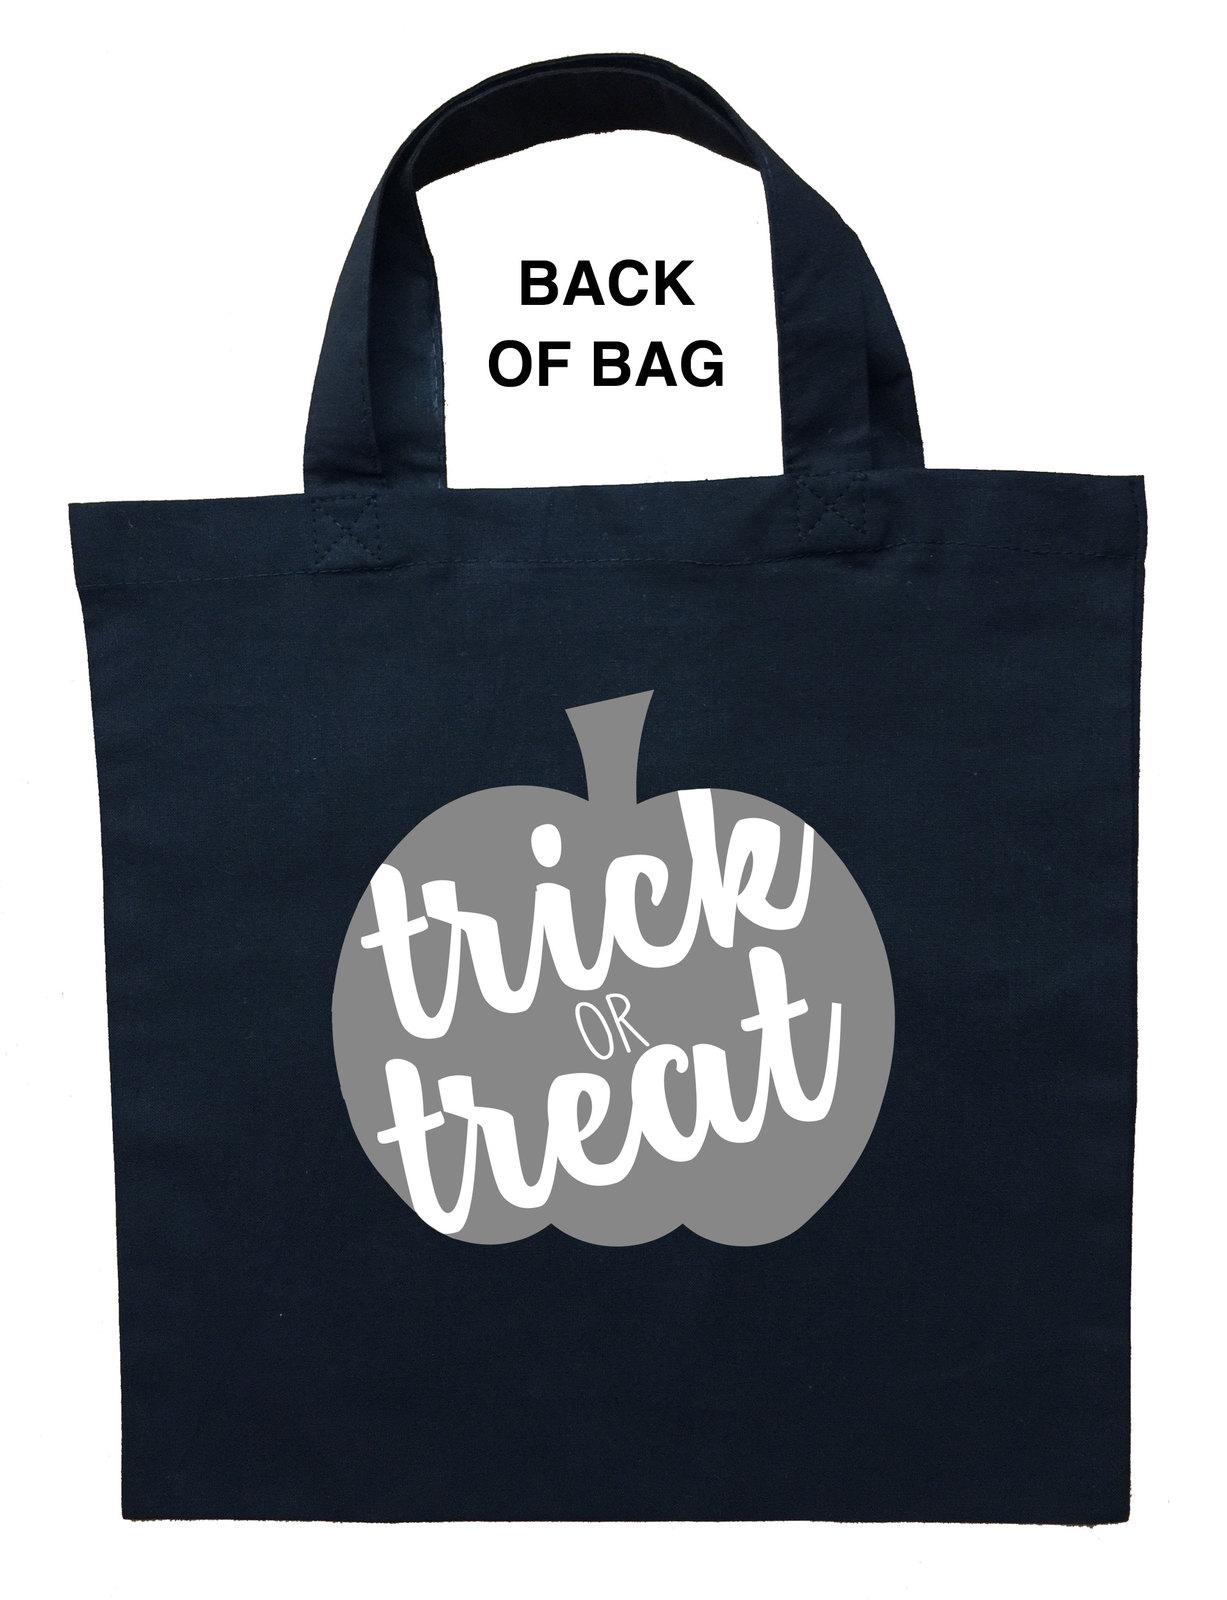 Raccoon Trick or Treat Bag, Raccoon Halloween Bag, Raccoon Loot Bag, Raccoon Bag